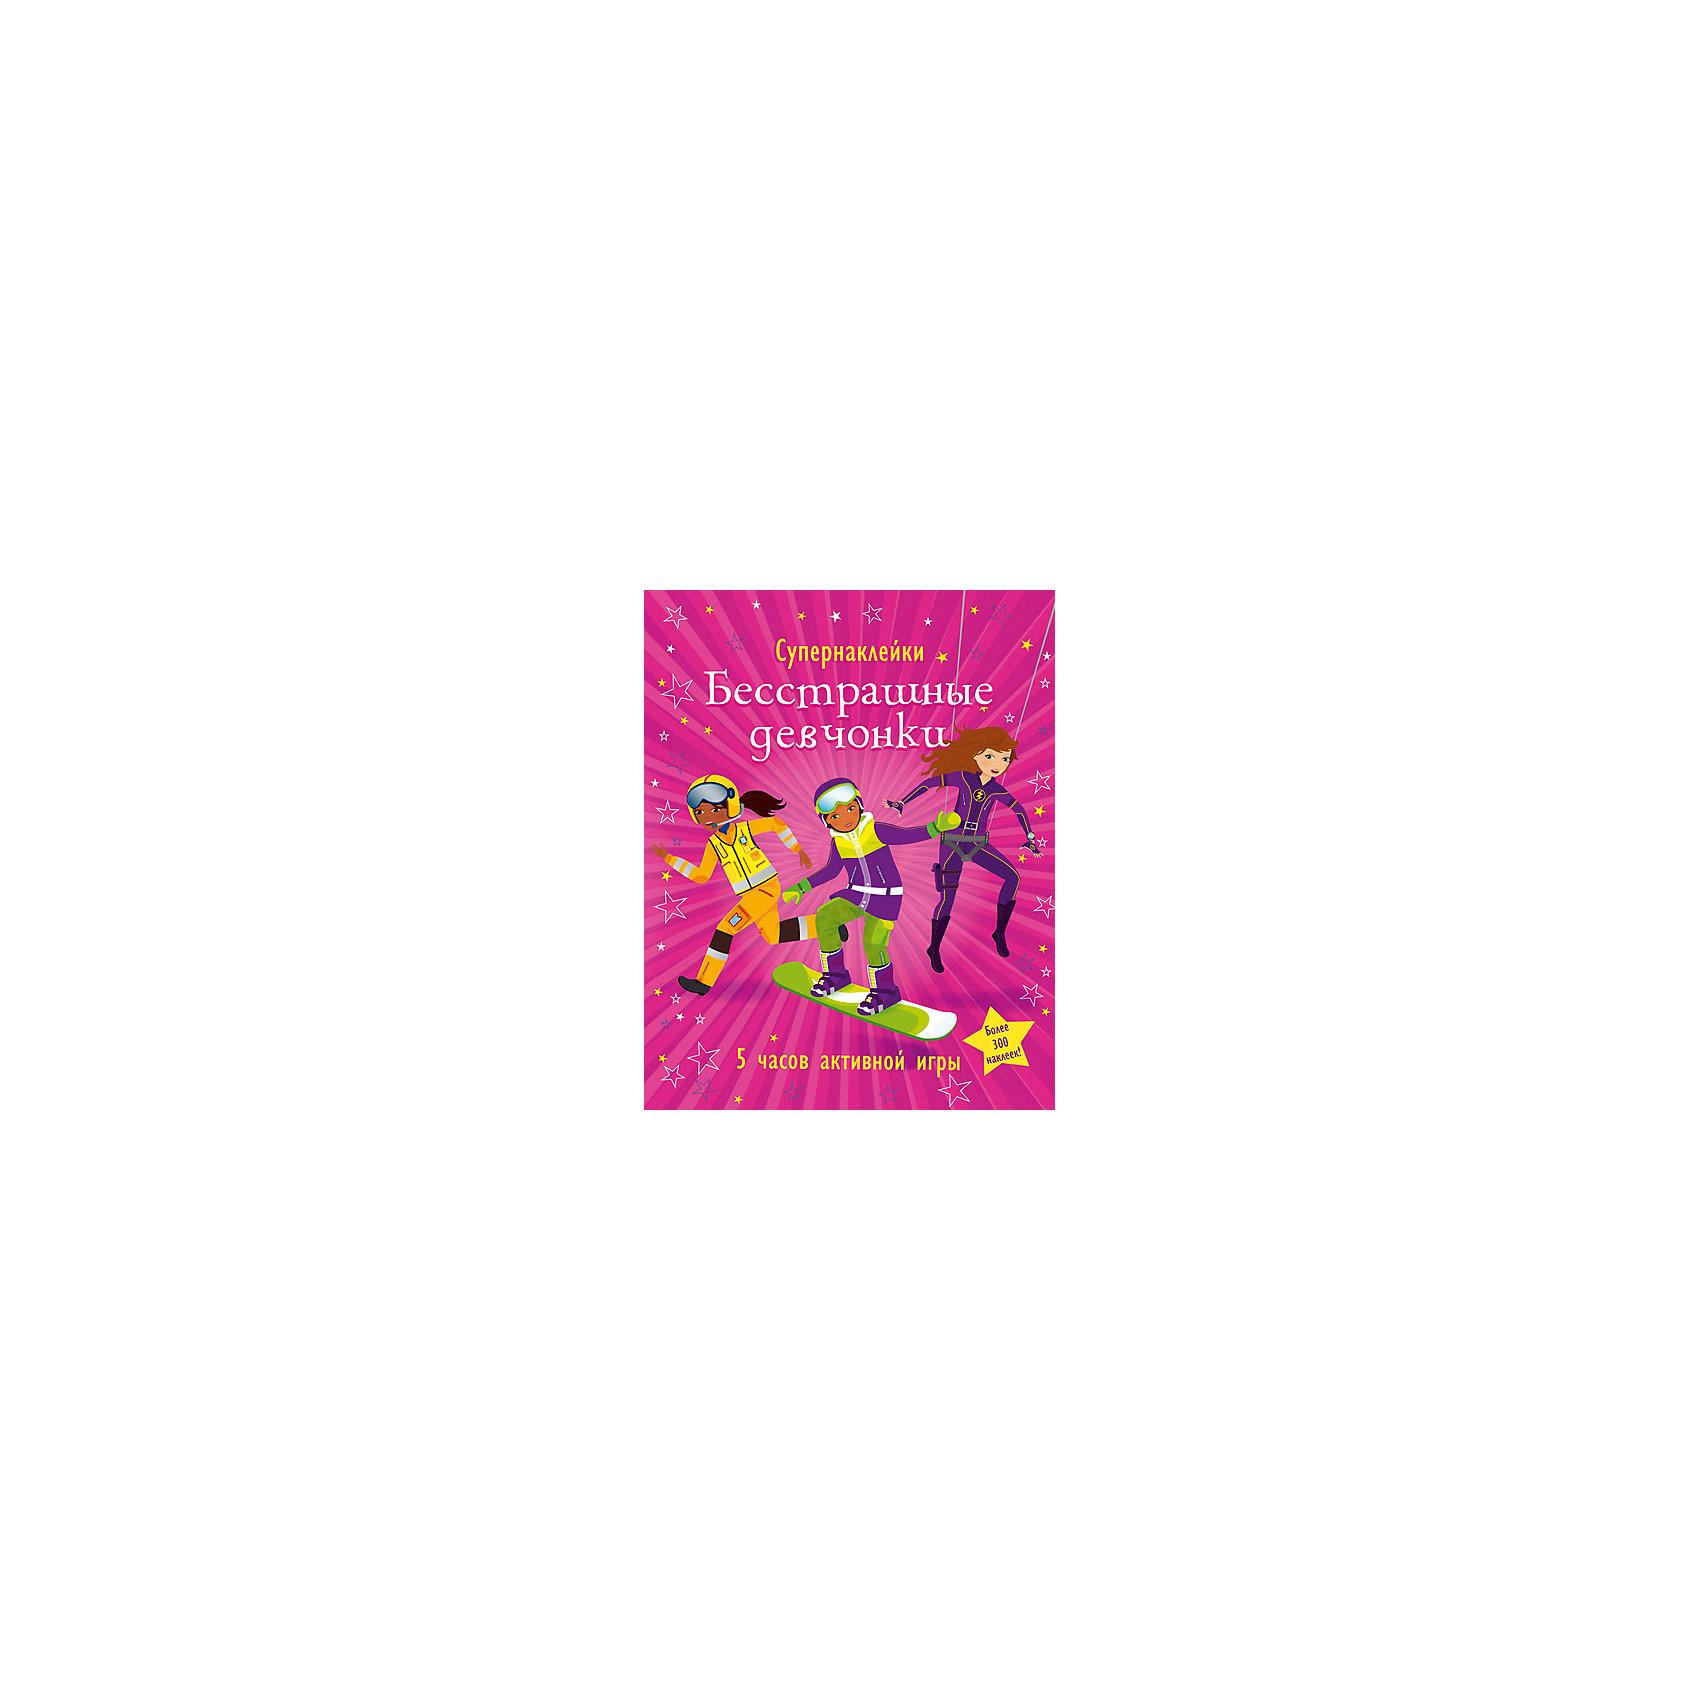 Бесстрашные девчонкиКниги для развития творческих навыков<br>Книга может быть не только развлекательной, но и обучающей! На добрых историях и интересных книжках очень легко воспитывать детей. В них доступно объясняется - что хорошо, а что - плохо, даются понятия о базовых ценностях, дружбе, любви и порядочности.<br>Эта книга может стать отличным подарком ребенку. Это удобный формат, качественная бумага, прекрасные иллюстрации и захватывающие история о бесстрашных девочках. К книге прилагается набор наклеек, с помощью которых можно выполнять интересные задания. Издание поможет ребенку развить художественный вкус, навыки чтения, логику, внимательность и мелкую моторику. Книга произведена из качественных и безопасных для детей материалов.<br><br>Дополнительная информация:<br><br>страниц: 24;<br>наклейки - в наборе;<br>формат: 30 х 24 см.<br><br>Книгу Бесстрашные девчонки можно купить в нашем магазине.<br><br>Ширина мм: 305<br>Глубина мм: 240<br>Высота мм: 2<br>Вес г: 301<br>Возраст от месяцев: 60<br>Возраст до месяцев: 120<br>Пол: Женский<br>Возраст: Детский<br>SKU: 4975132